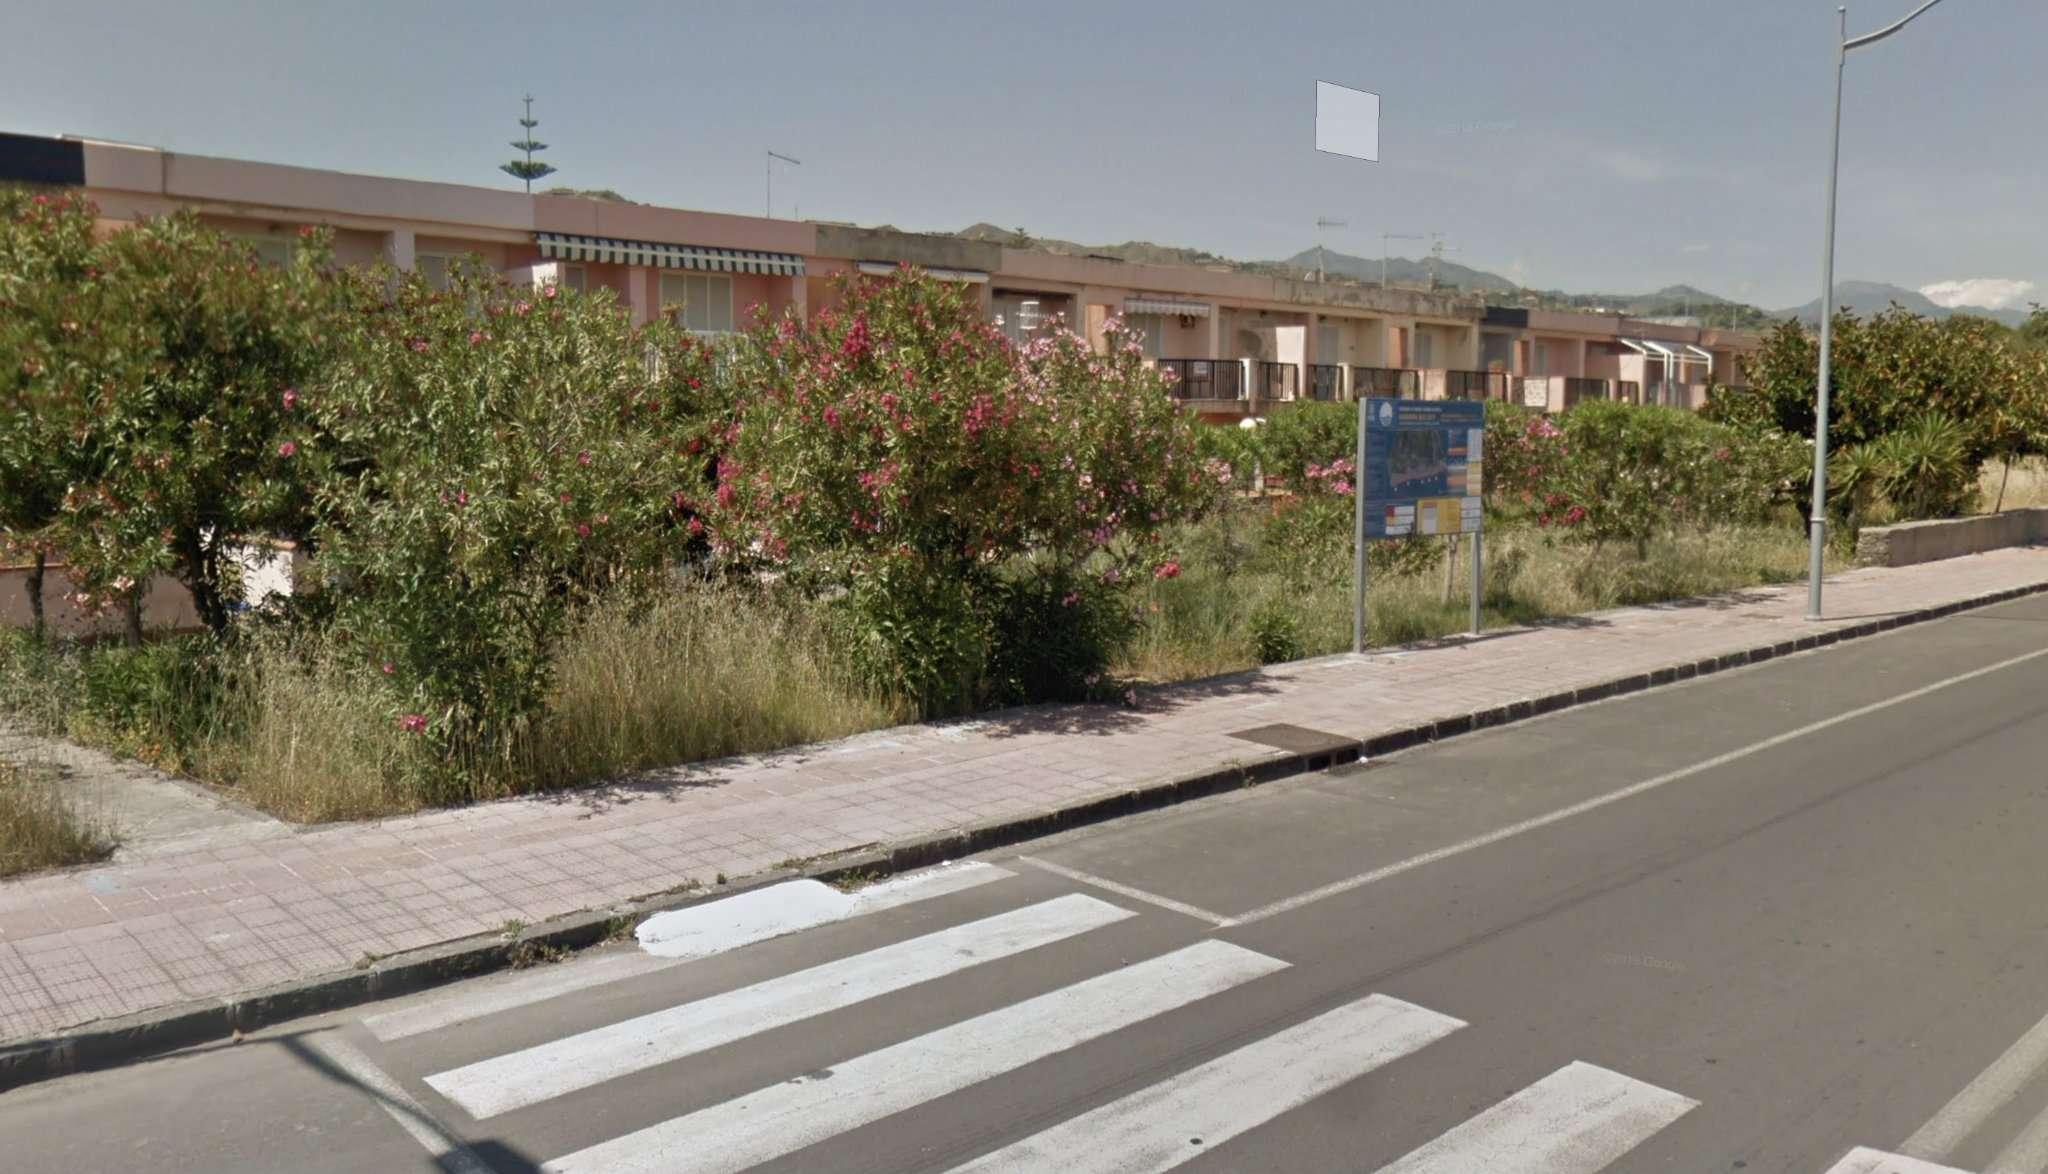 Vendita all'asta appartamento a Santa Teresa di Riva - Lungomare Barracca